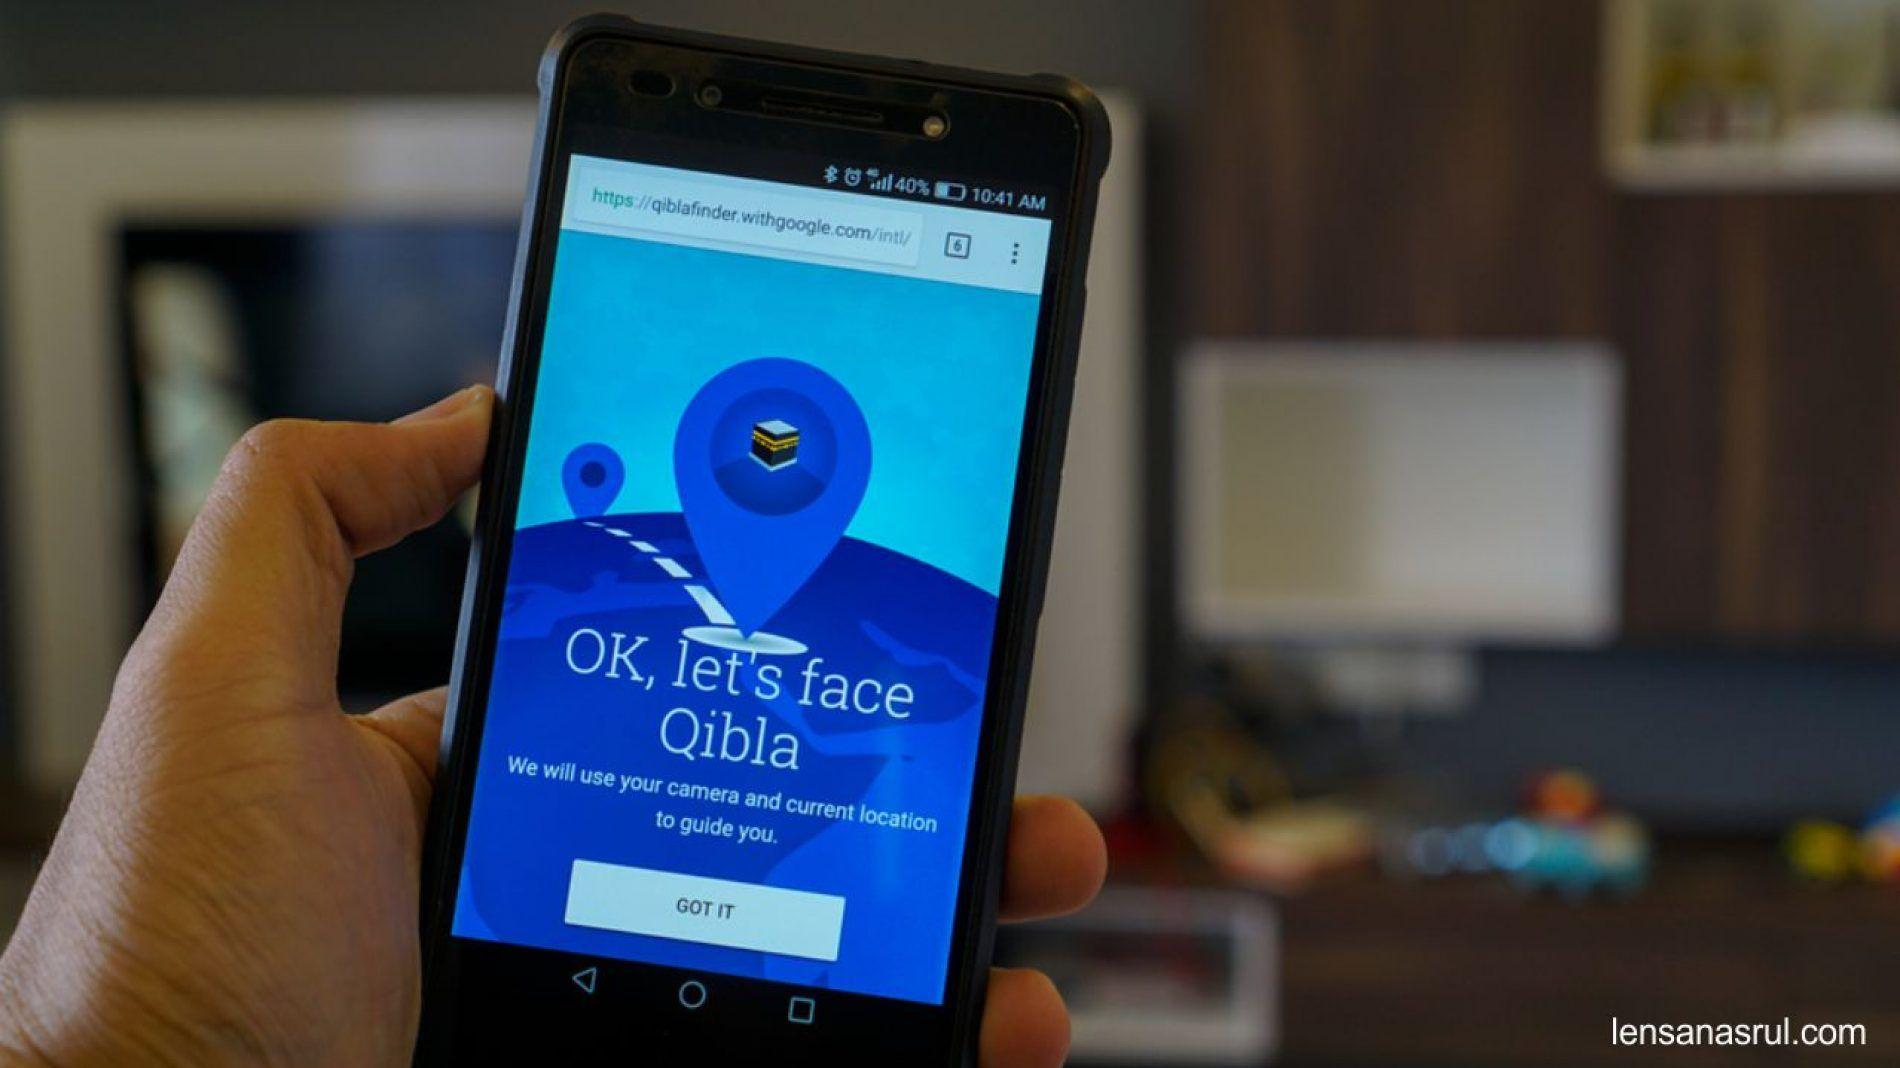 Bingung Arah Kiblat Saat Traveling 4 Aplikasi Arah Kiblat Android Terbaik Akurat Android Aplikasi